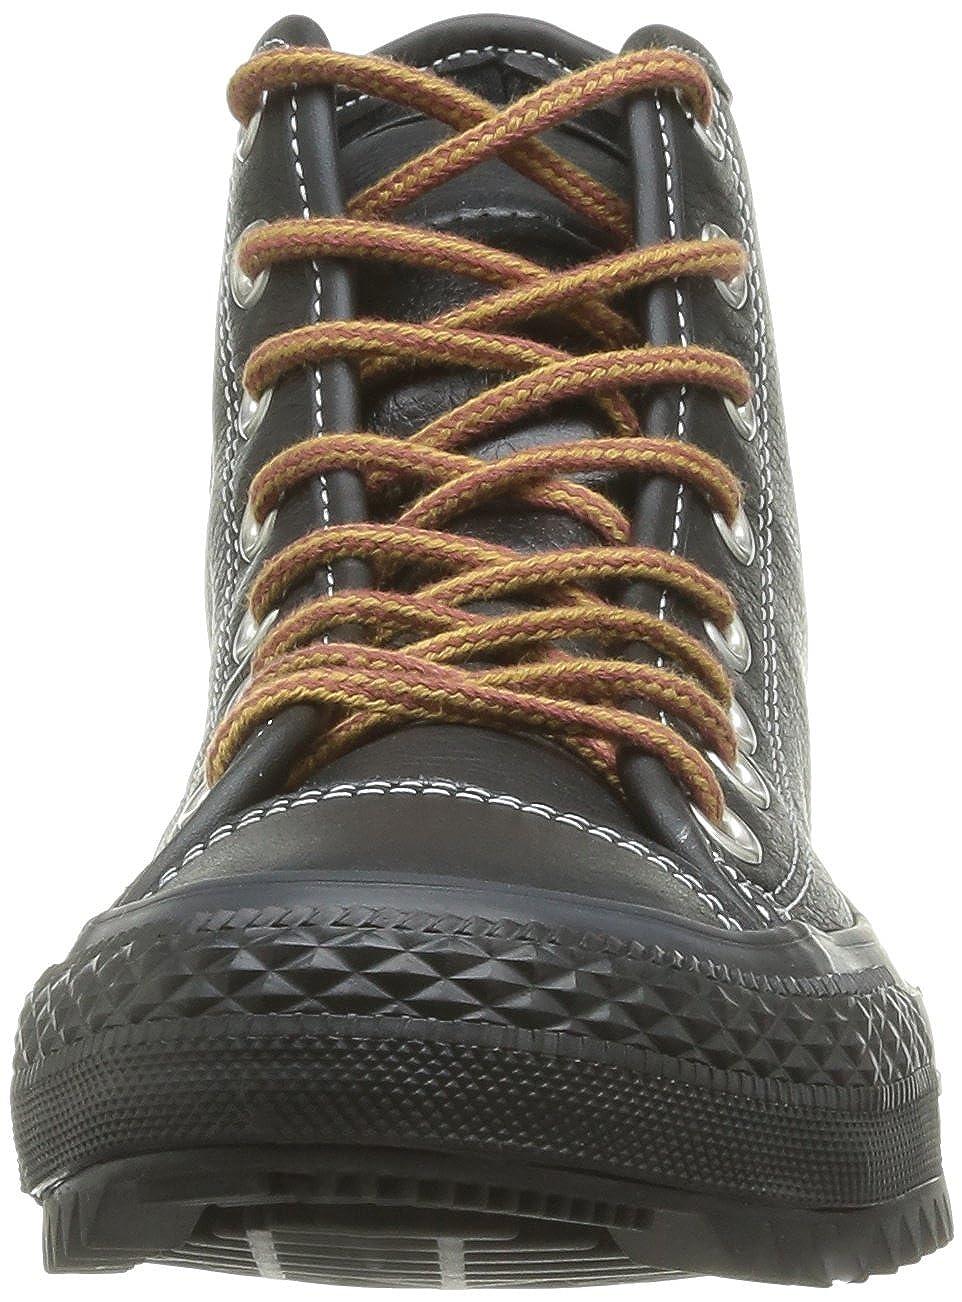 1d371566110e Converse Women s Trainers Black (Black)  Amazon.co.uk  Shoes   Bags